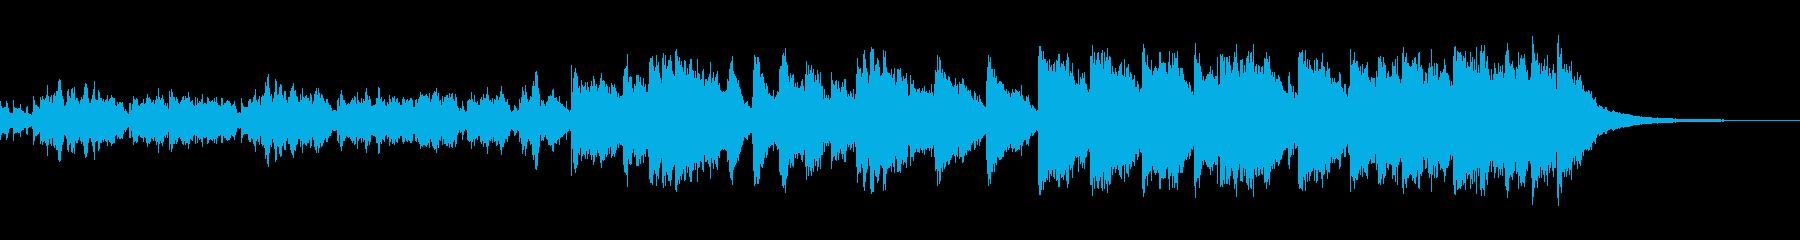 ピアノの高音の響きが近未来的なネオテクノの再生済みの波形